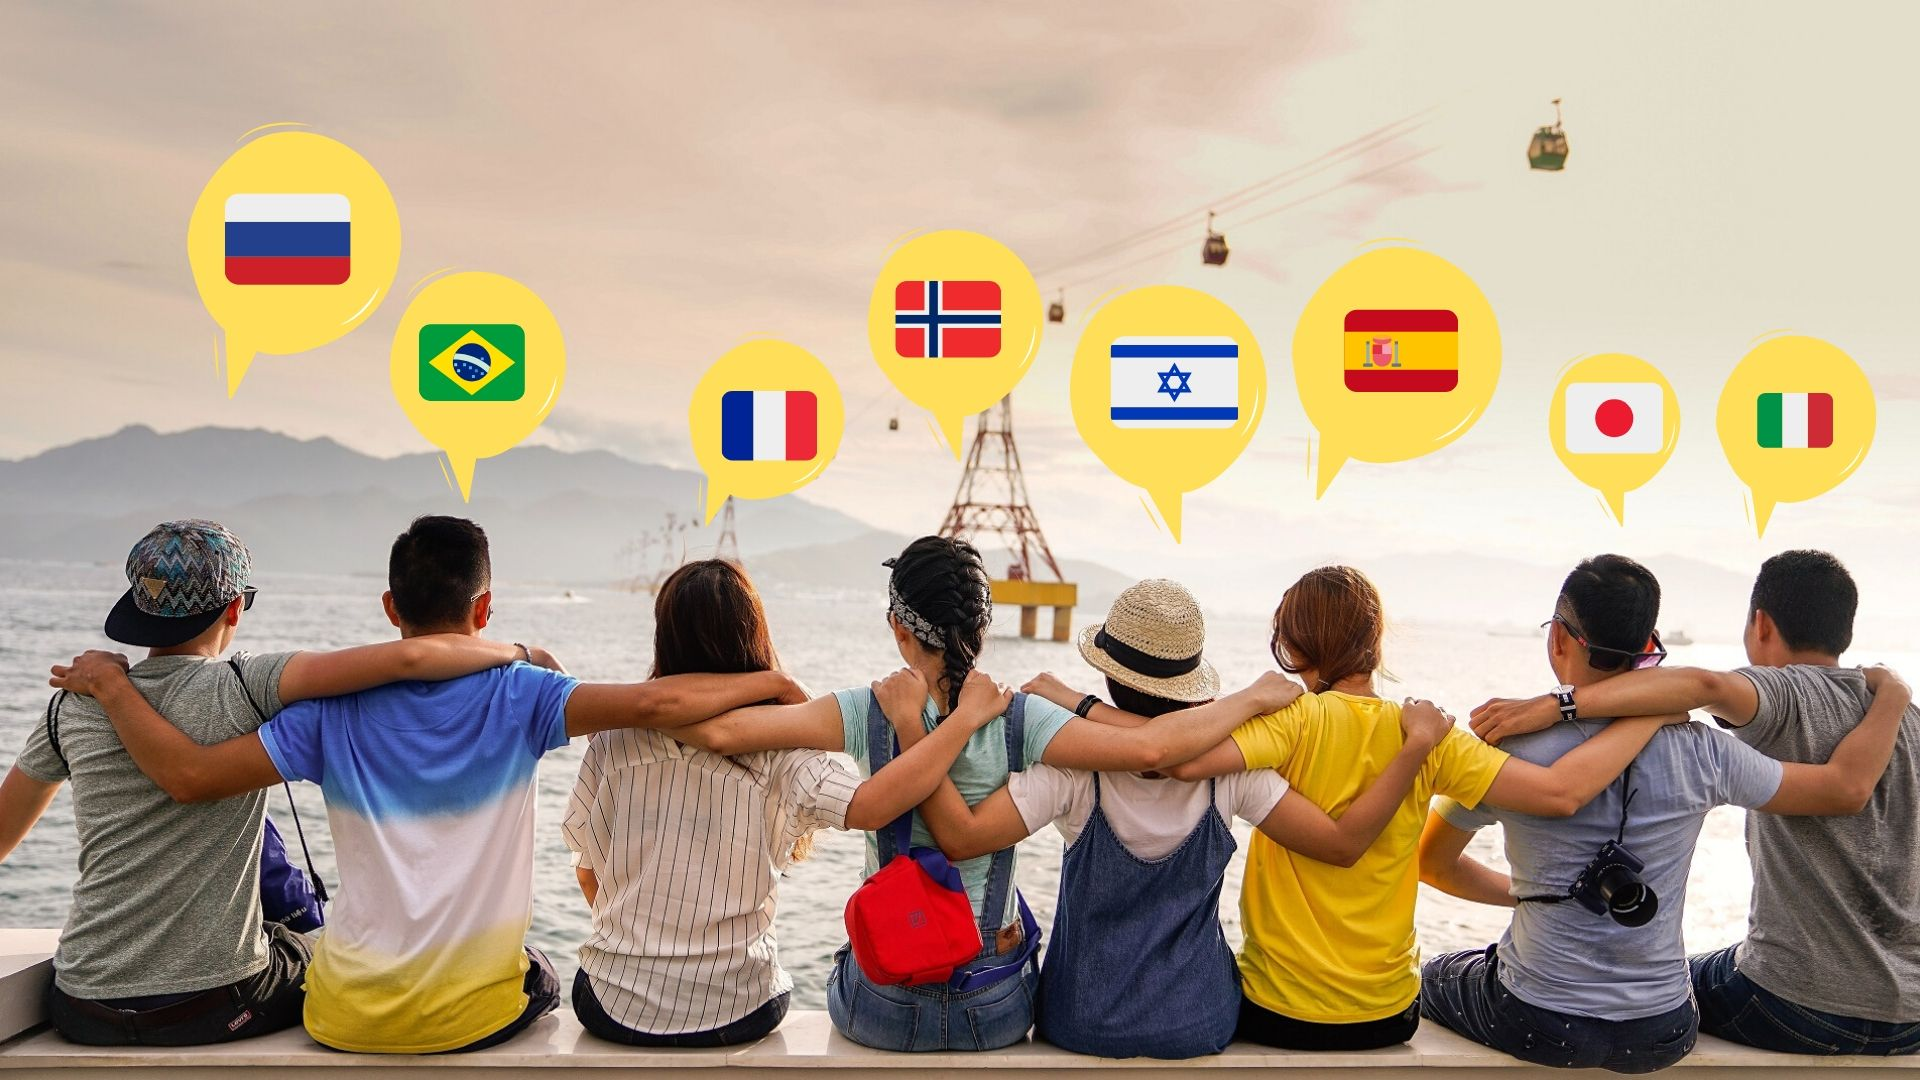 Freunde mit verschiedenen Sprachen